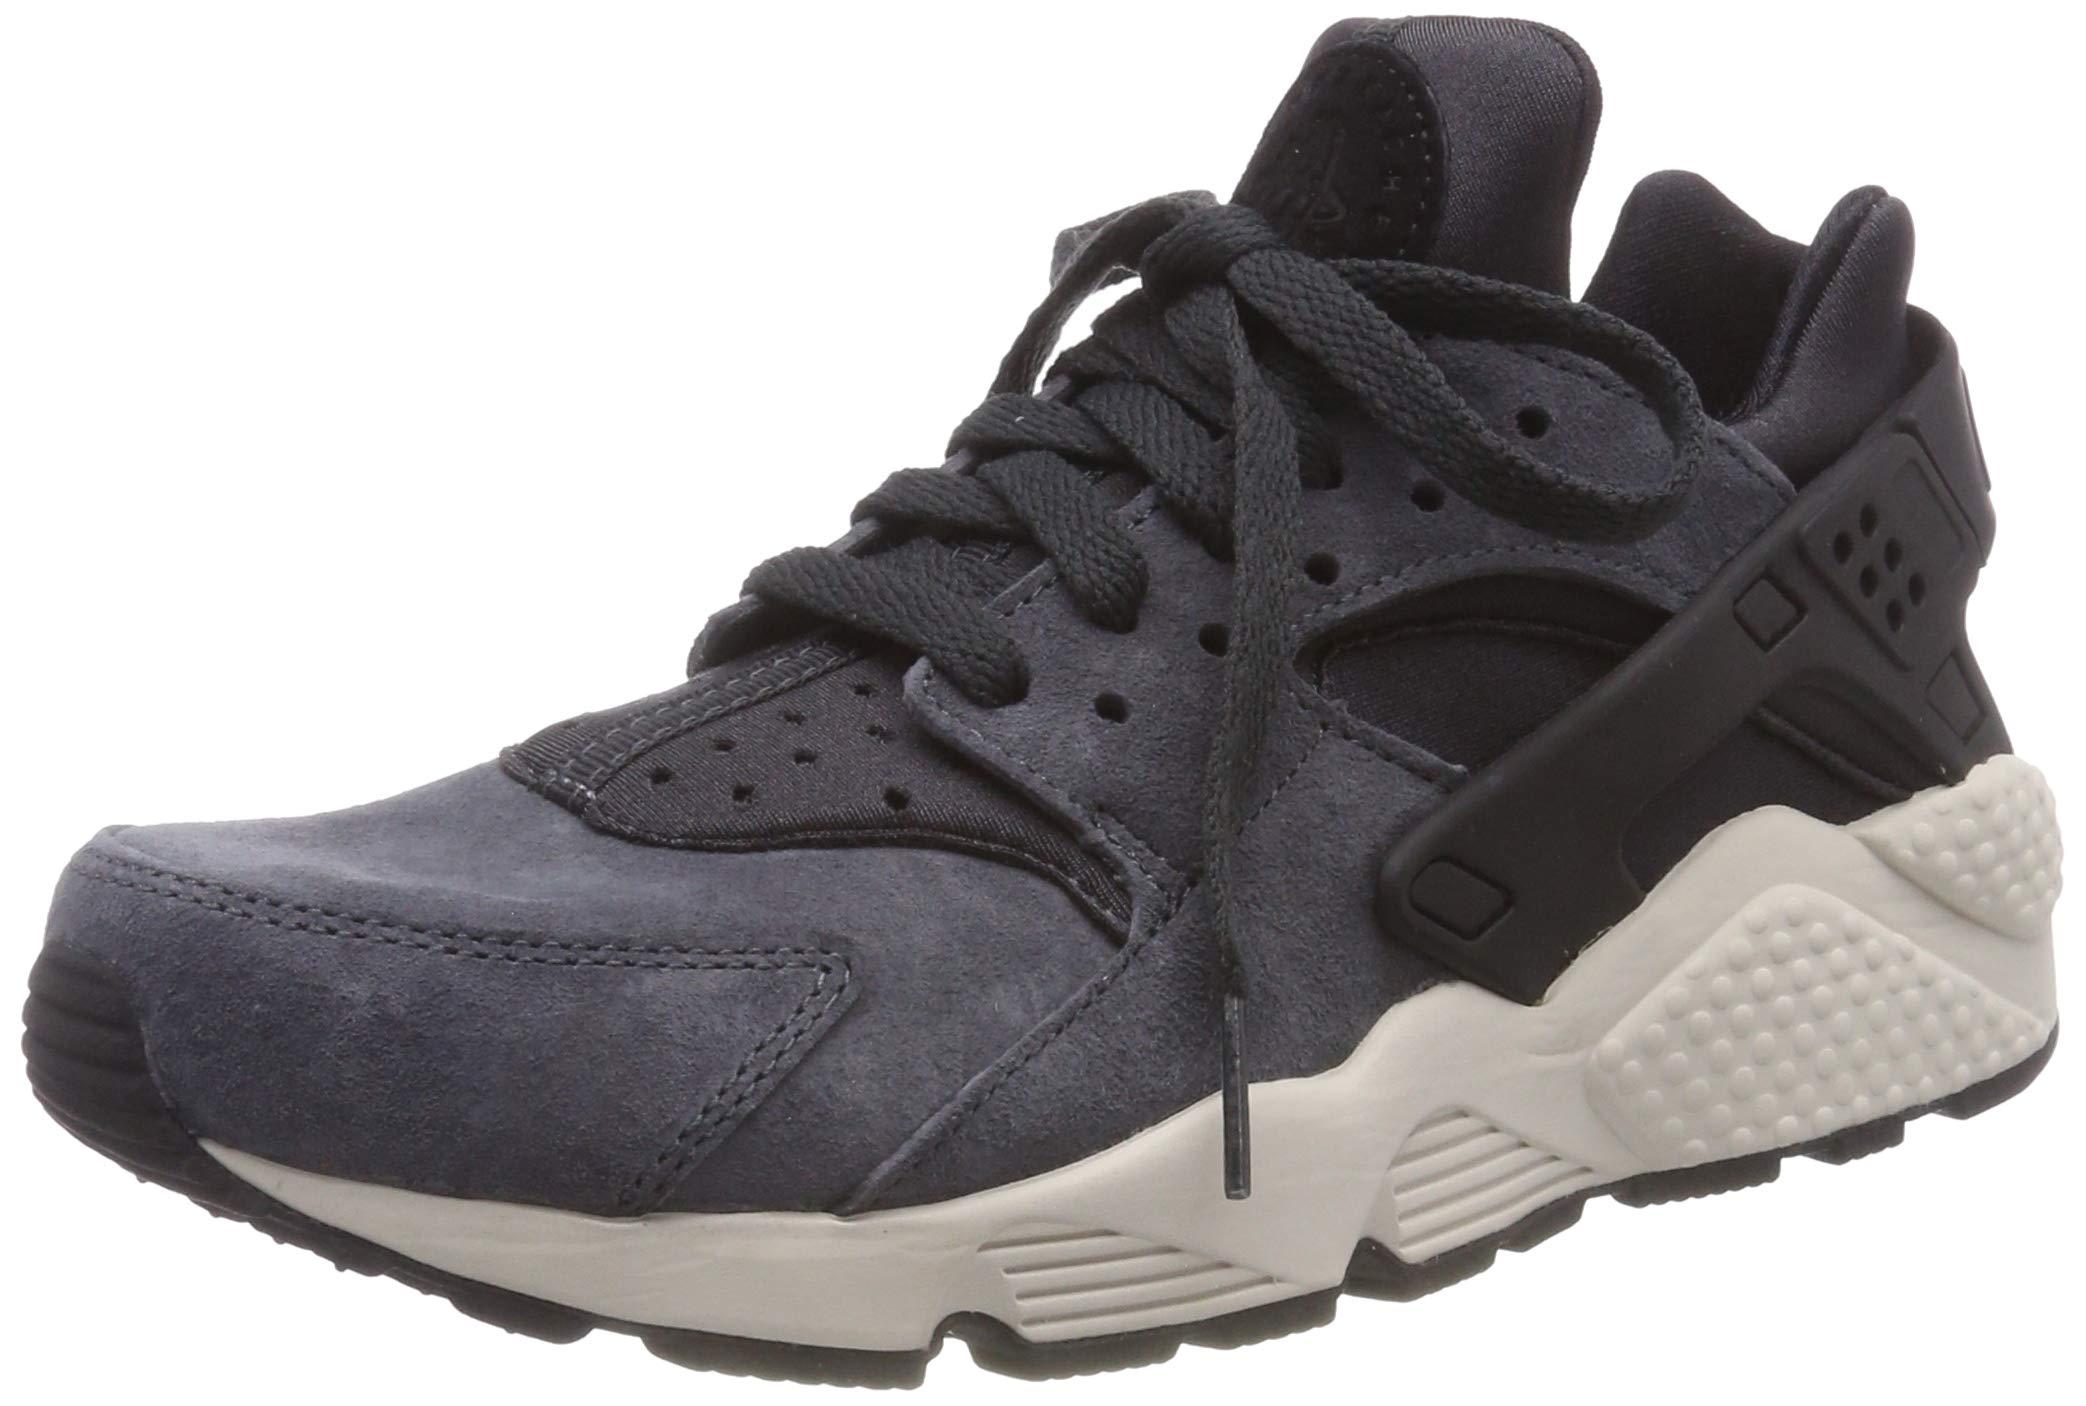 fceba94e9a587 Nike Air Huarache Run Premium